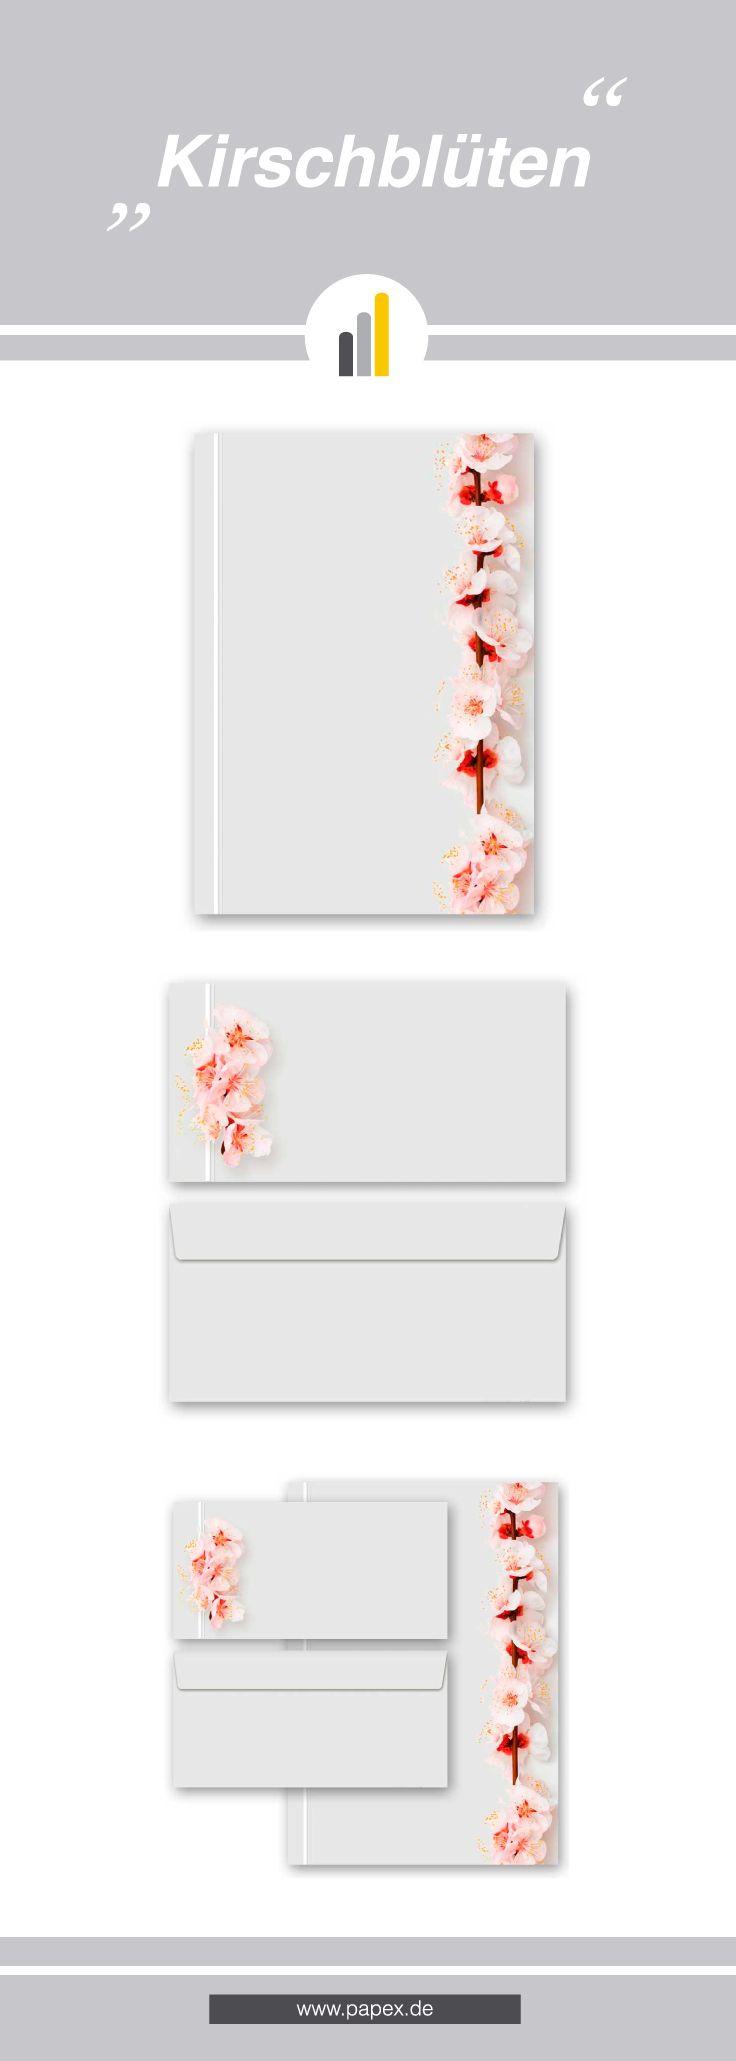 Briefpapier / Motivpapier KIRSCHBLÜTEN - Sagen Sie es »durch die Blume« mit unseren variantenreichen Blütenmotiven oder Designs aus vielen anderen Themenbereichen, um einem persönlichen Schreiben den richtigen Rahmen zu verleihen. Das Verwenden Sie unsere Produkte als Werbewirksame Zielgruppenmailings, Weihnachtsgrüße, für Angebote, als Saison-Briefpapier, für Einladungen, Glückwünsche, Speisekarteneinlagen, Aktionsprogramme, Feste, als Aushang im Schaufenster und für weitere tausend…